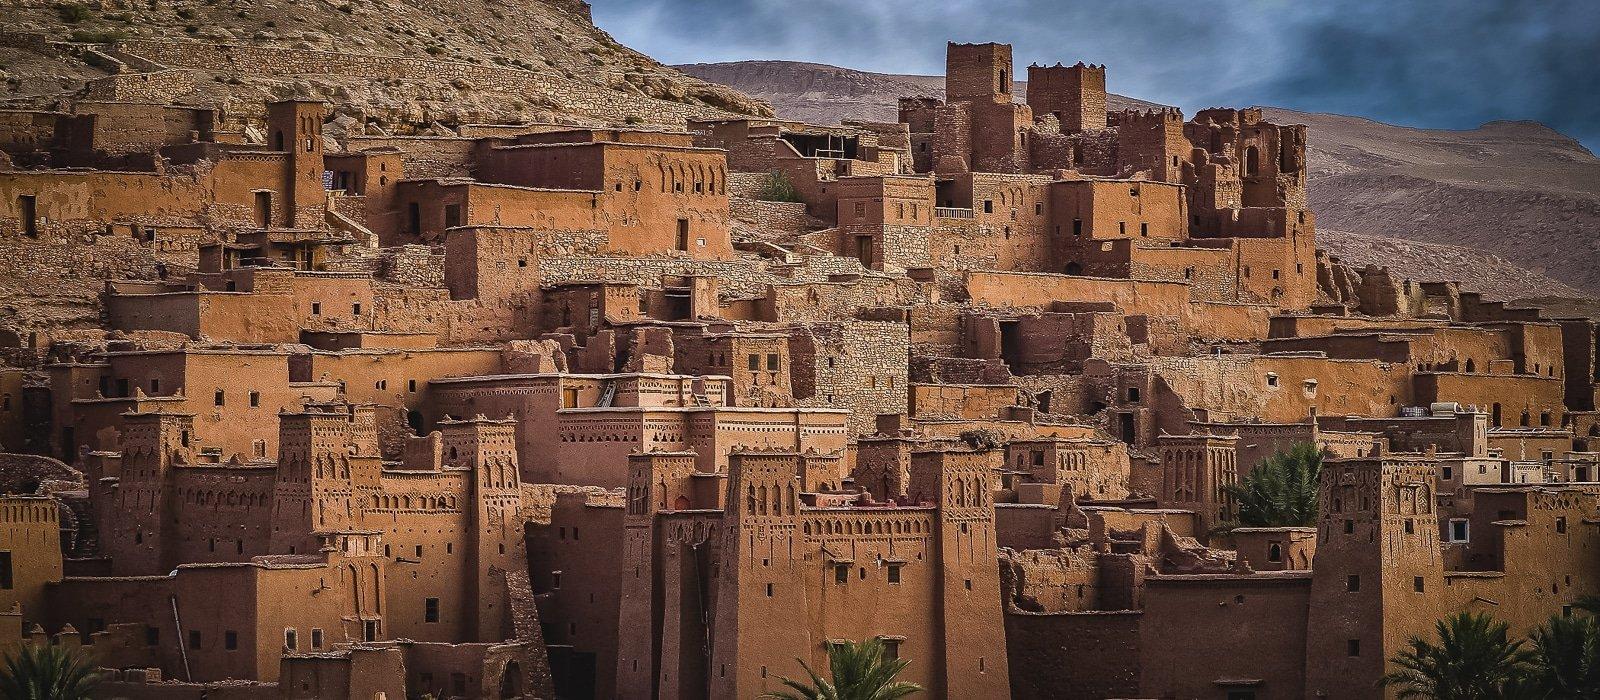 Voyage organisé en petit groupe - Kasbah de Ait-Ben-Haddou - Maroc - Agence de voyage Les Routes du Monde